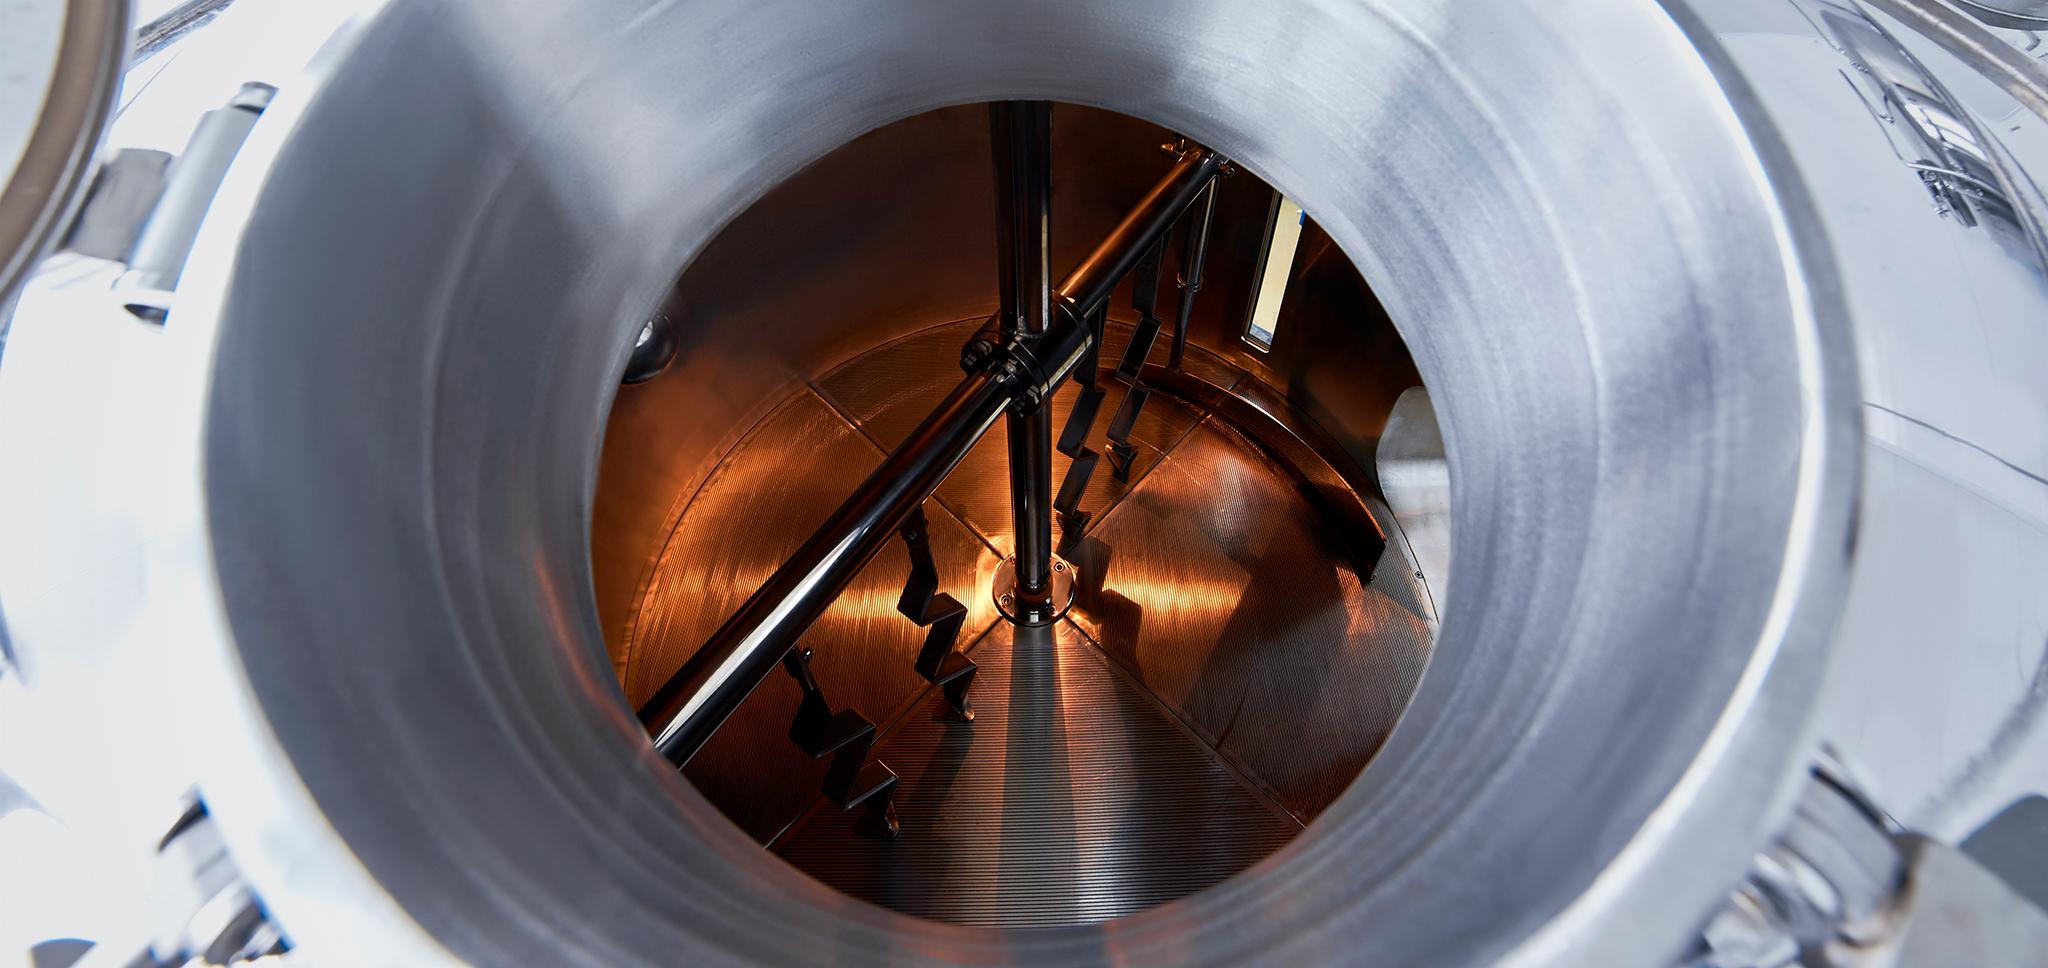 Agitador de acero inoxidable de CELVAS COSMETICS